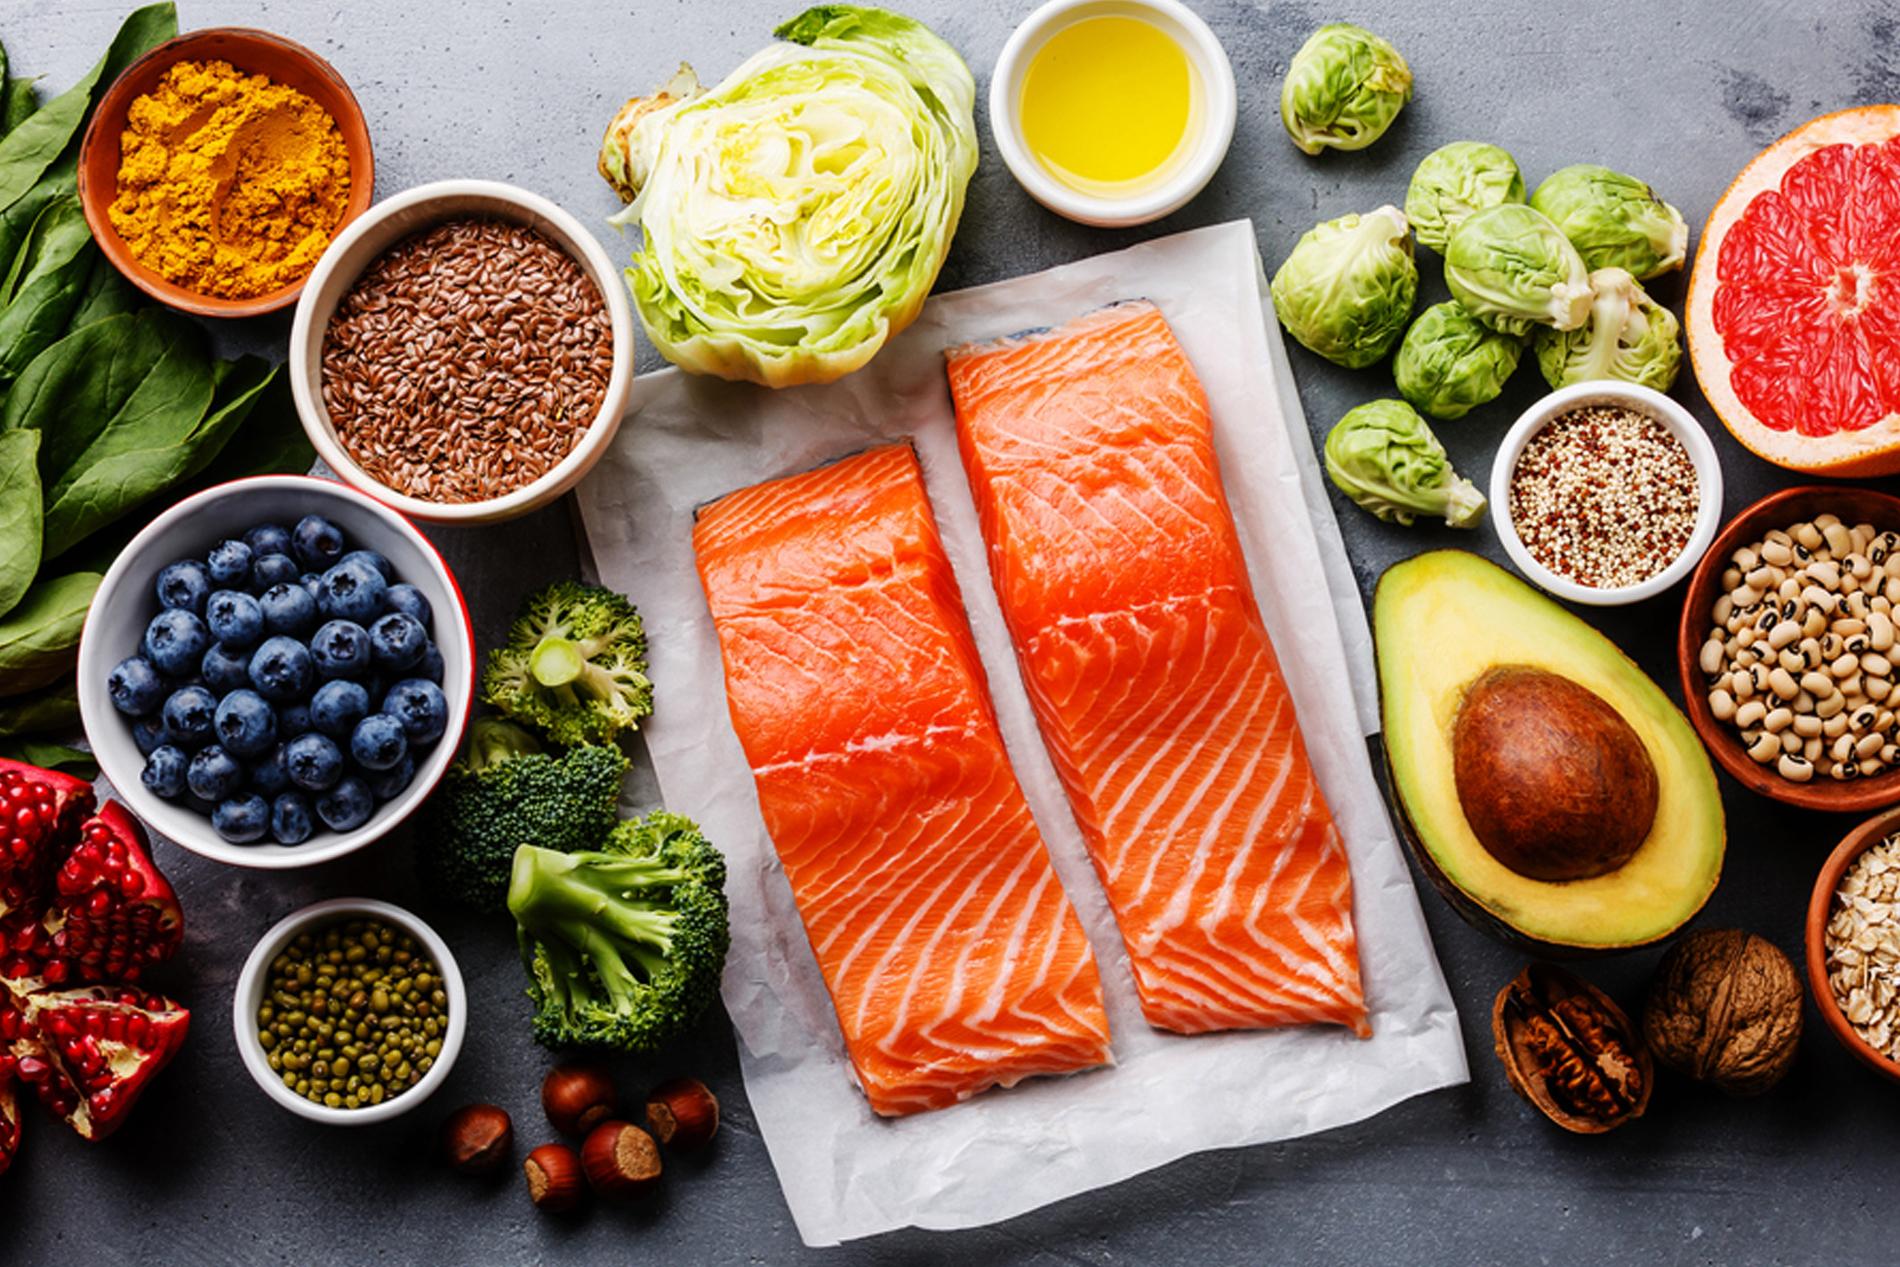 cá, trái cây, rau củ tươi là khẩu phần ăn của quốc gia hạnh phúc